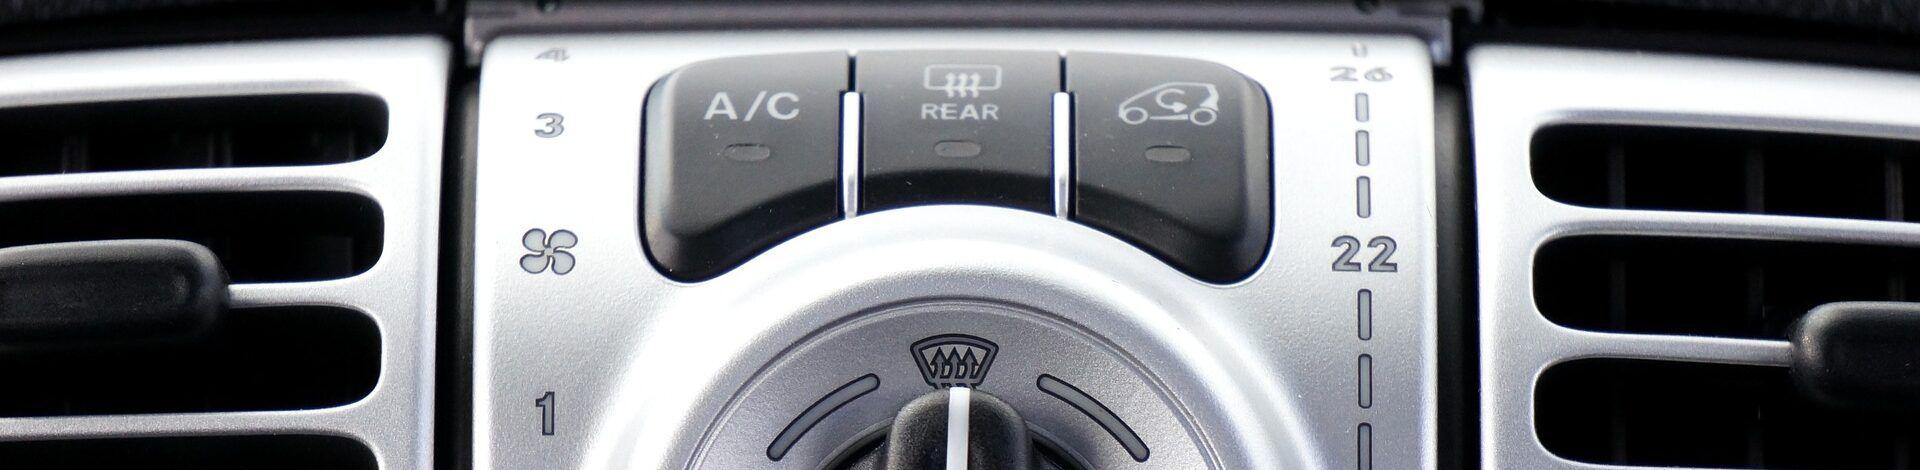 boton-recirculacion-aire-acondicionado